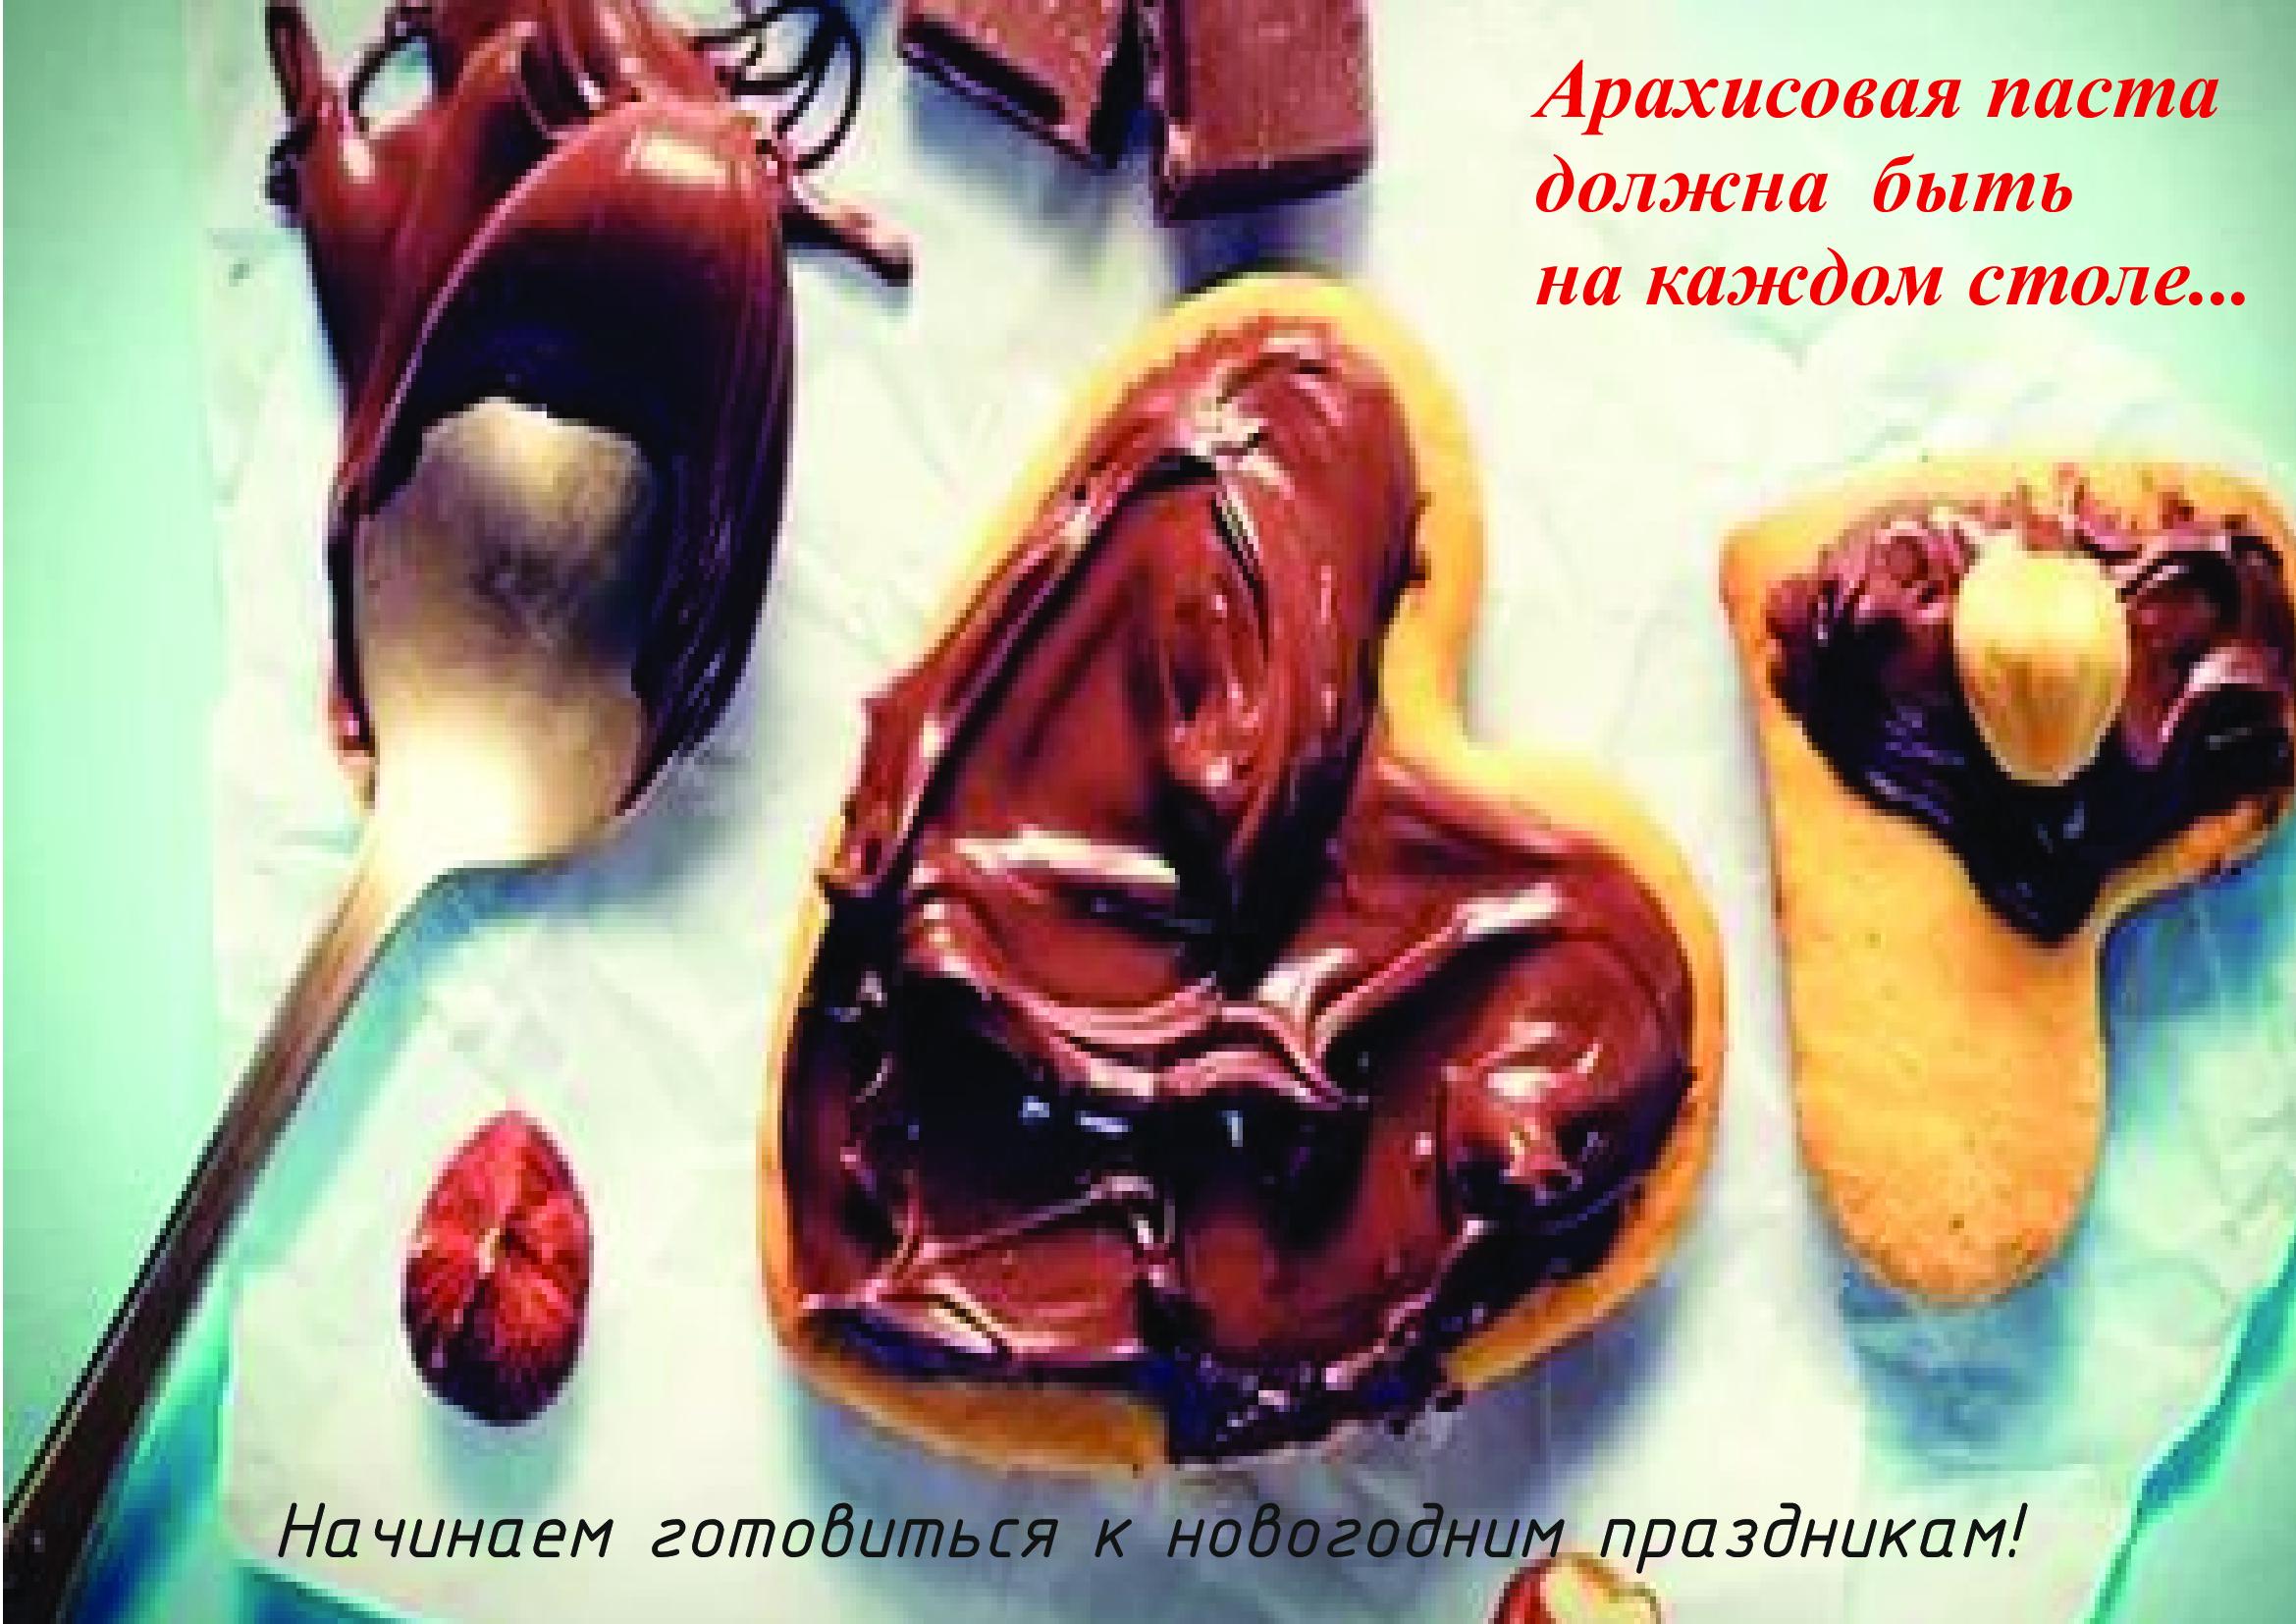 Сбор заказов. Натуральная арахисовая паста Mr. Creamys (без консервантов, красителей и ГМО). Классическая, 340 гр-160 руб, с шоколадом - 189 руб. Все ЦР.